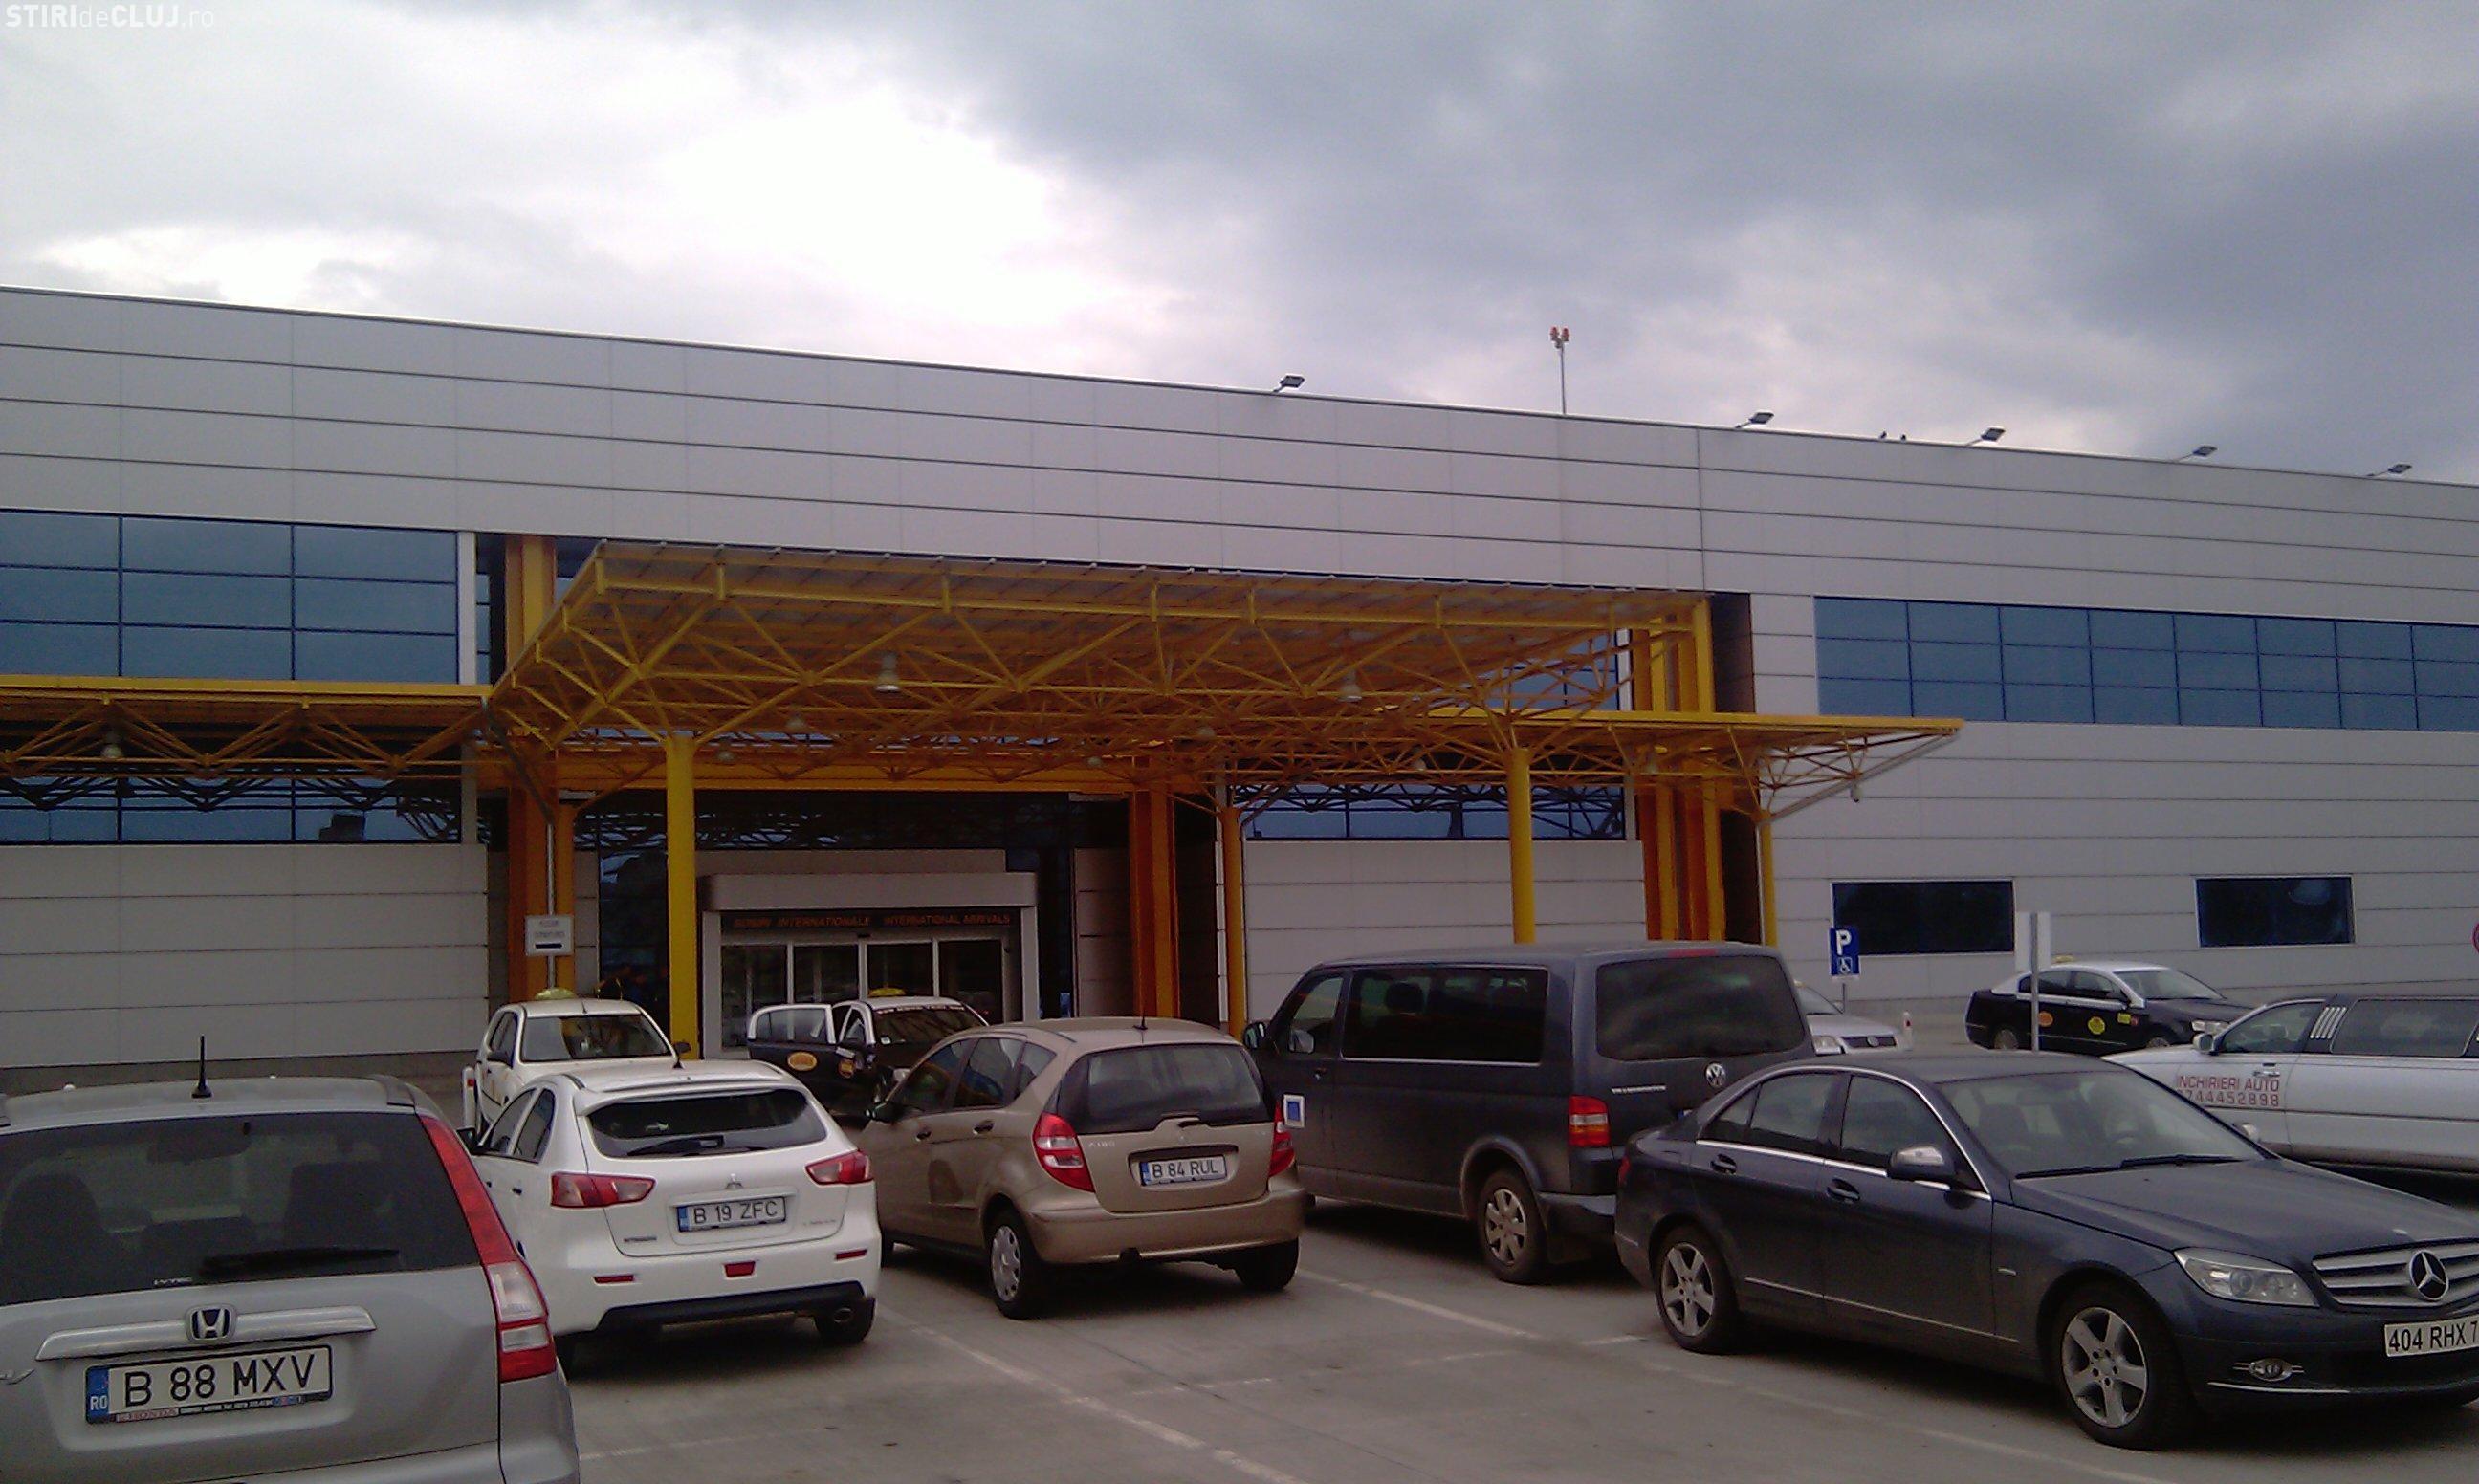 La Aeroportul Cluj va fi construit un parking cu 1500 de locuri